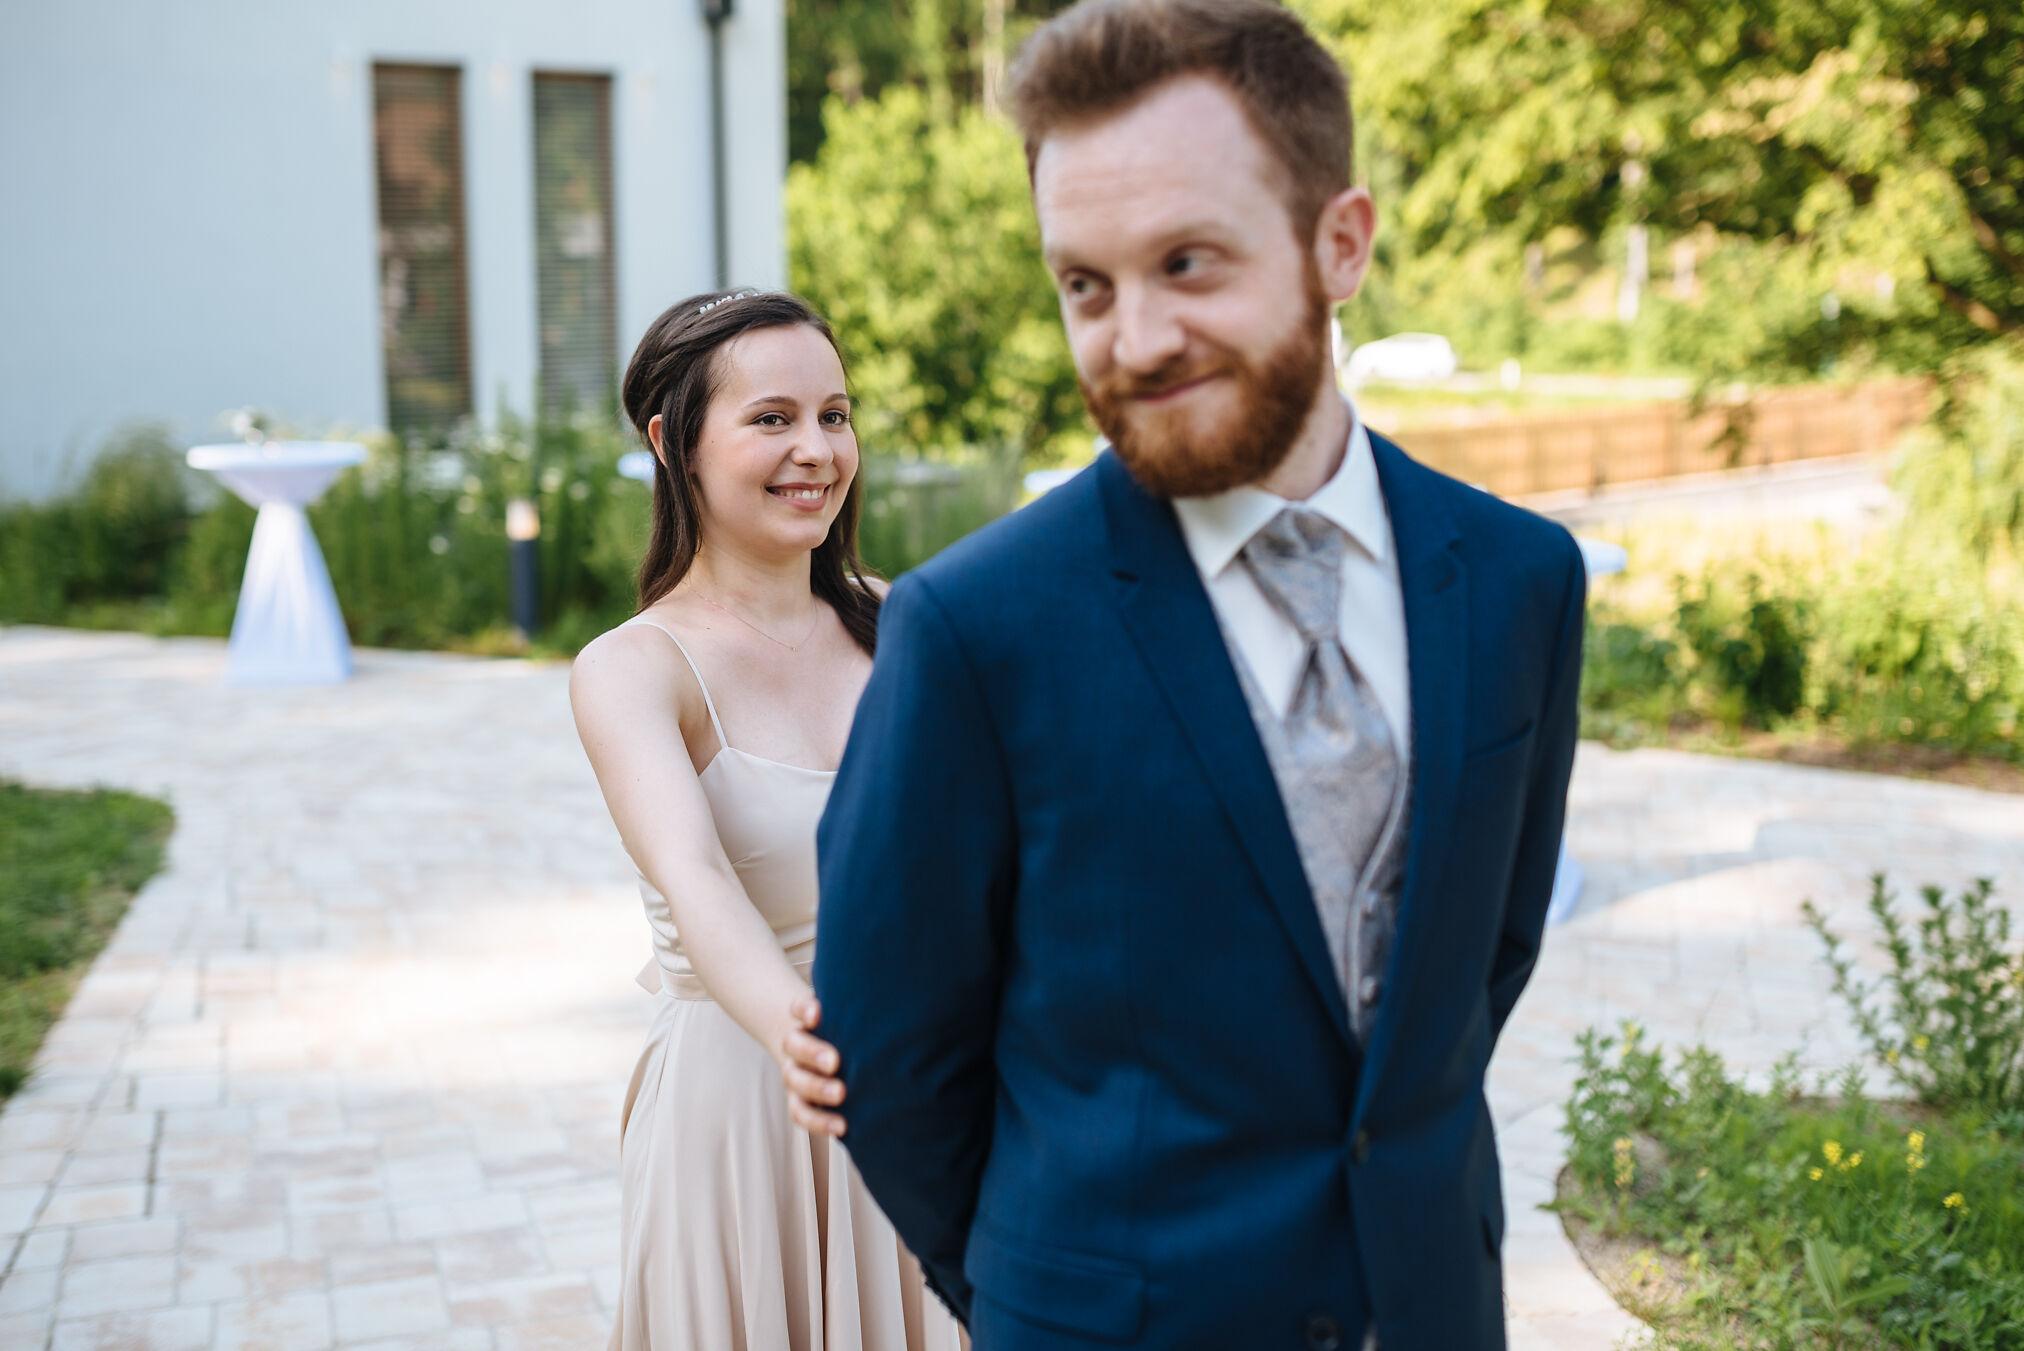 Hochzeit-Garten-Denoti-14.jpg